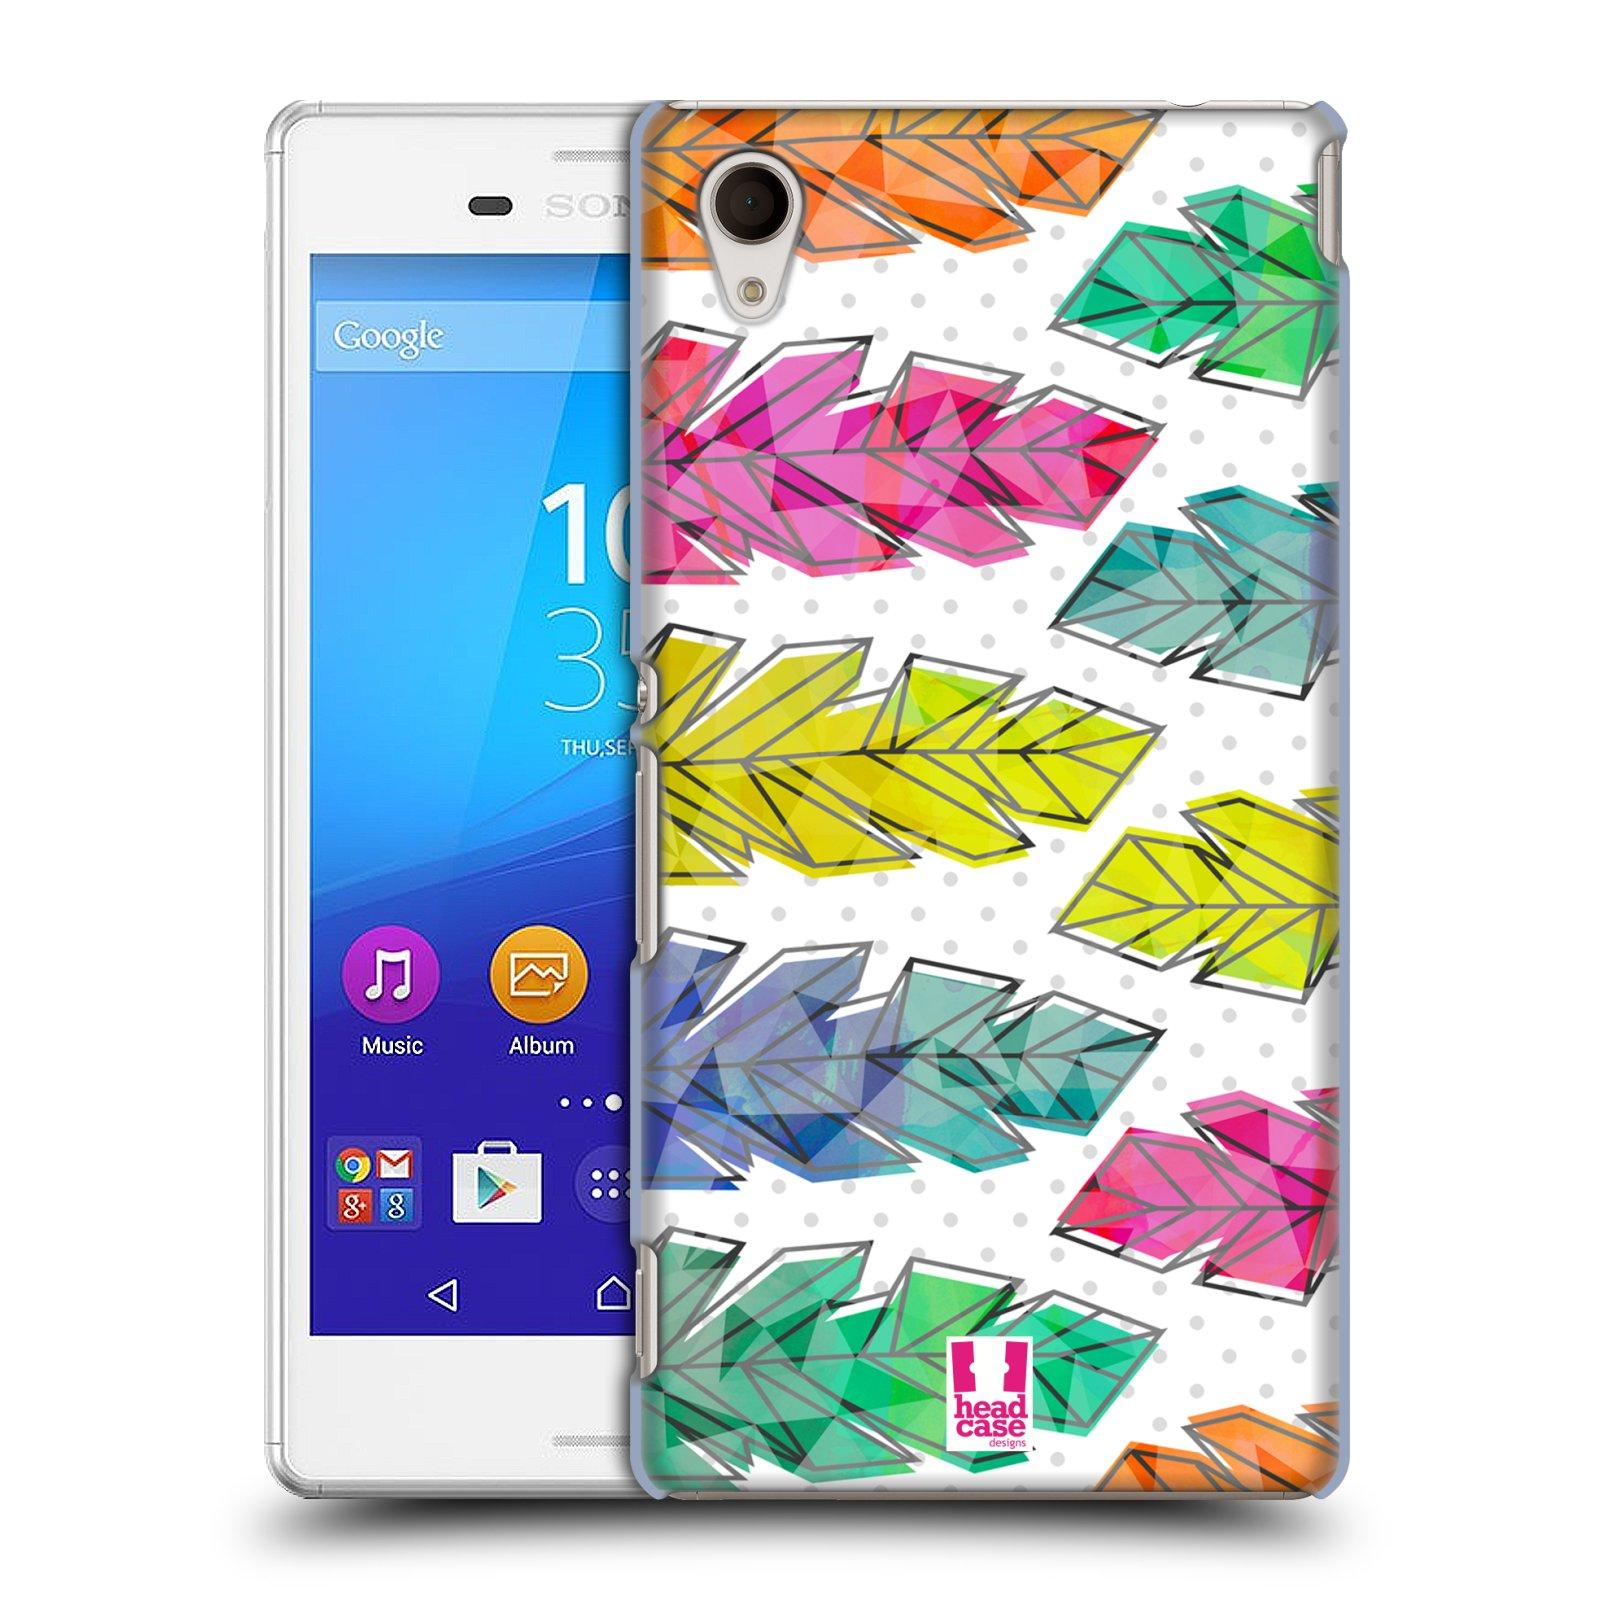 Plastové pouzdro na mobil Sony Xperia M4 Aqua E2303 HEAD CASE PÍRKA DOODLE (Kryt či obal na mobilní telefon Sony Xperia M4 Aqua a M4 Aqua Dual SIM)